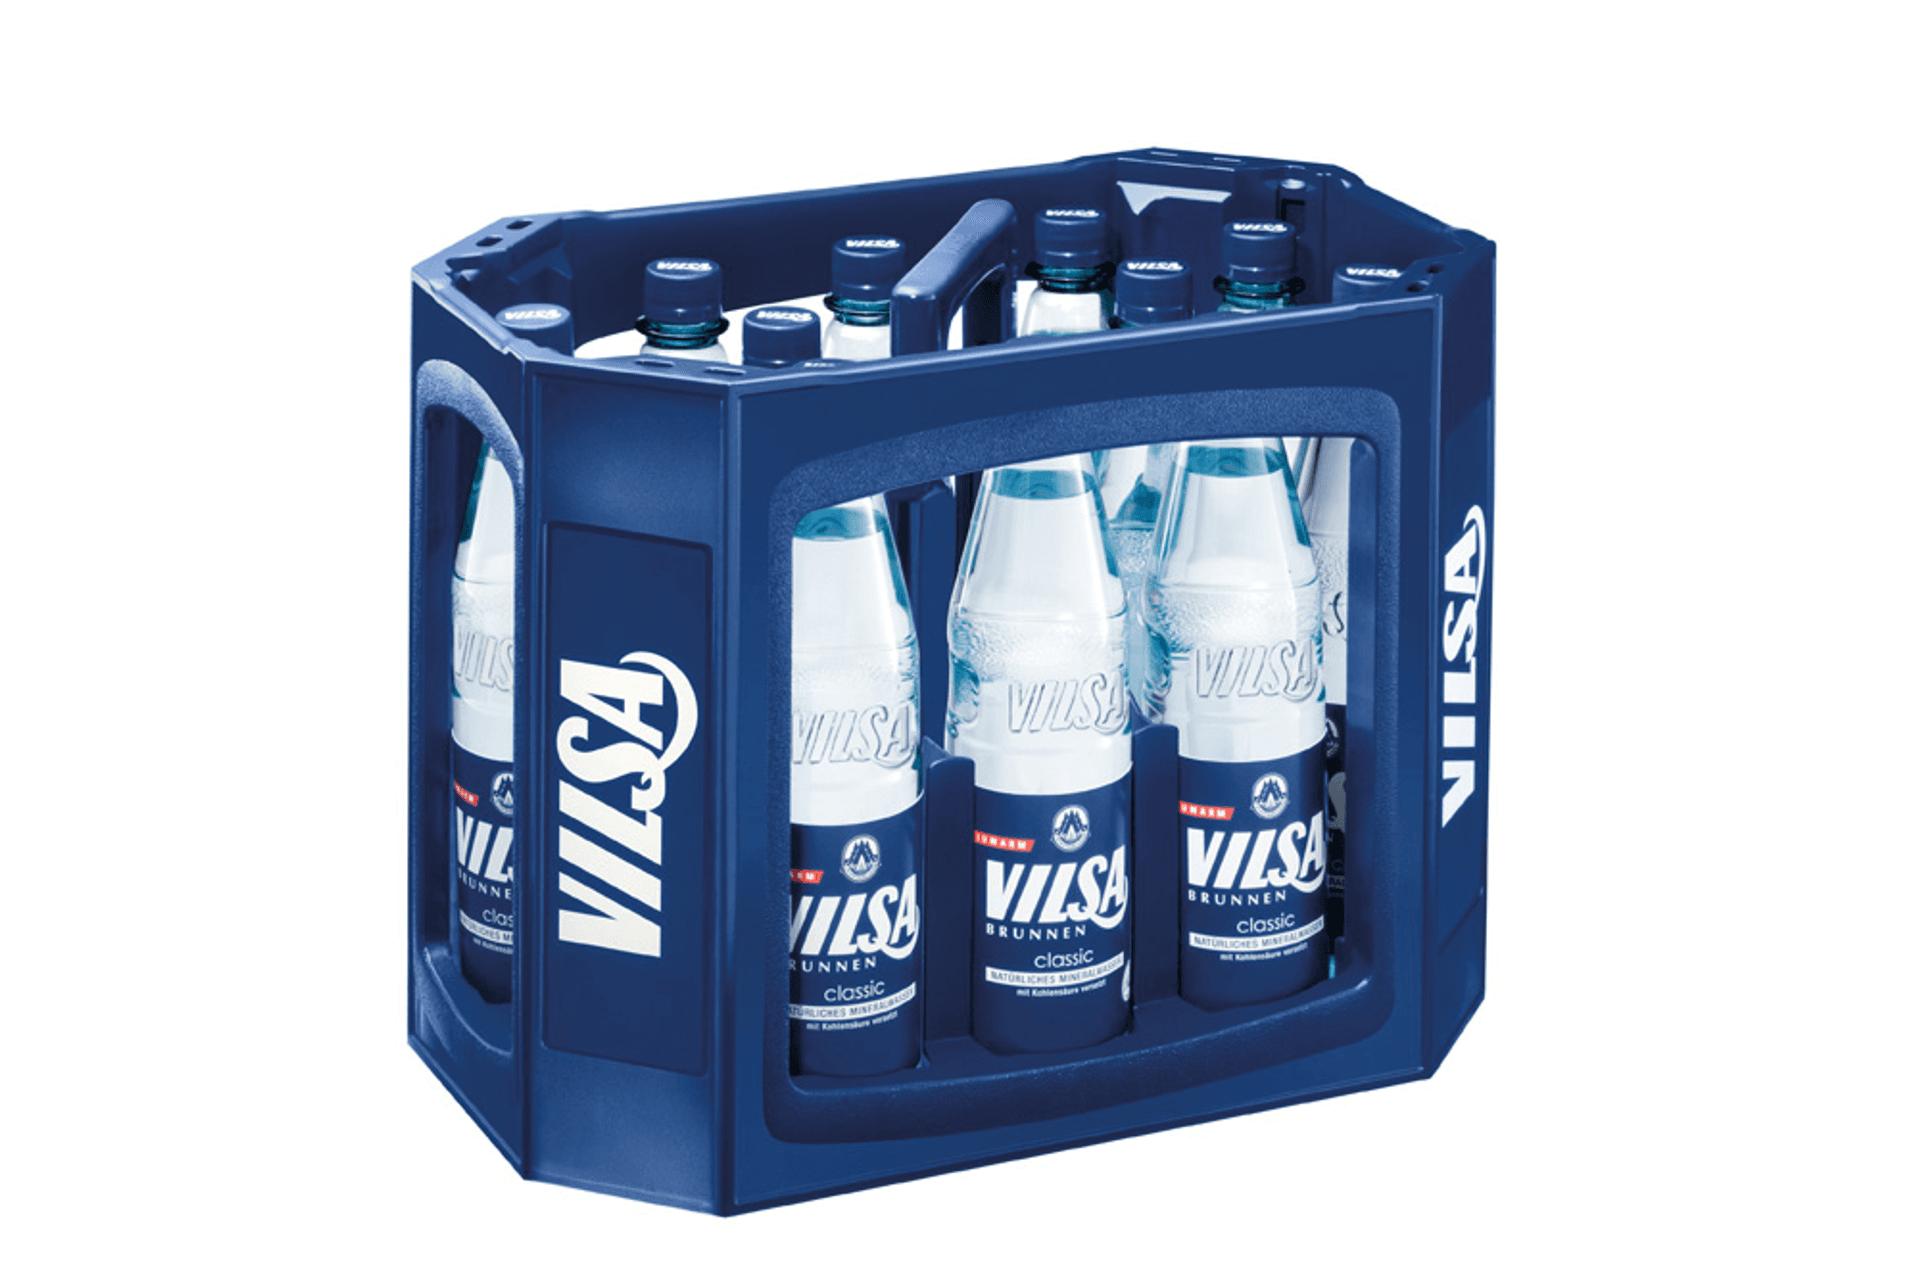 Vilsa Wasser c Vilsa